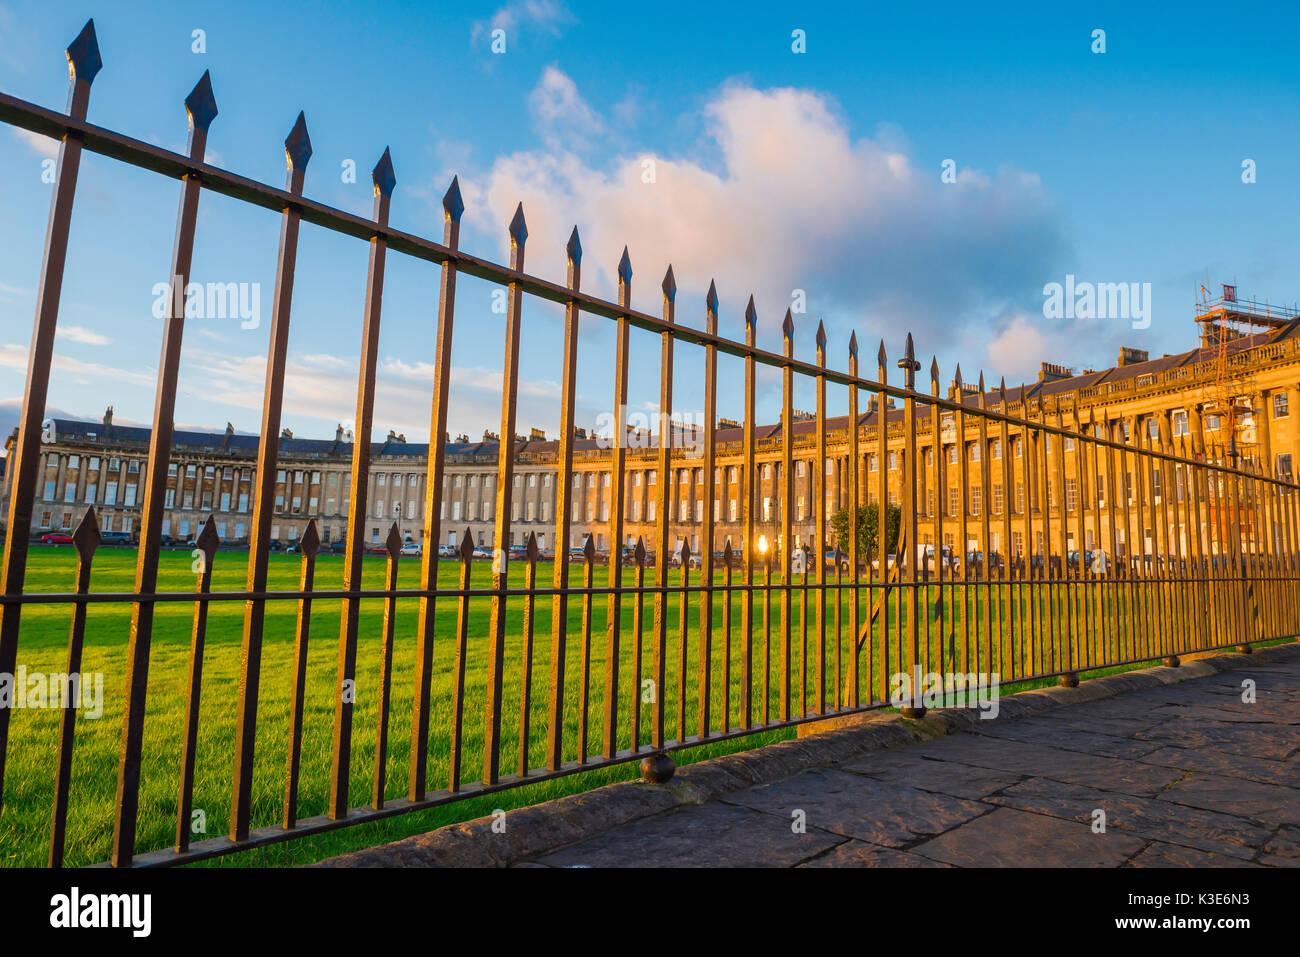 Royal Crescent baño, vista a través de las verjas de hierro Royal Crescent y su parque en el centro de Bath, Inglaterra, Reino Unido. Imagen De Stock